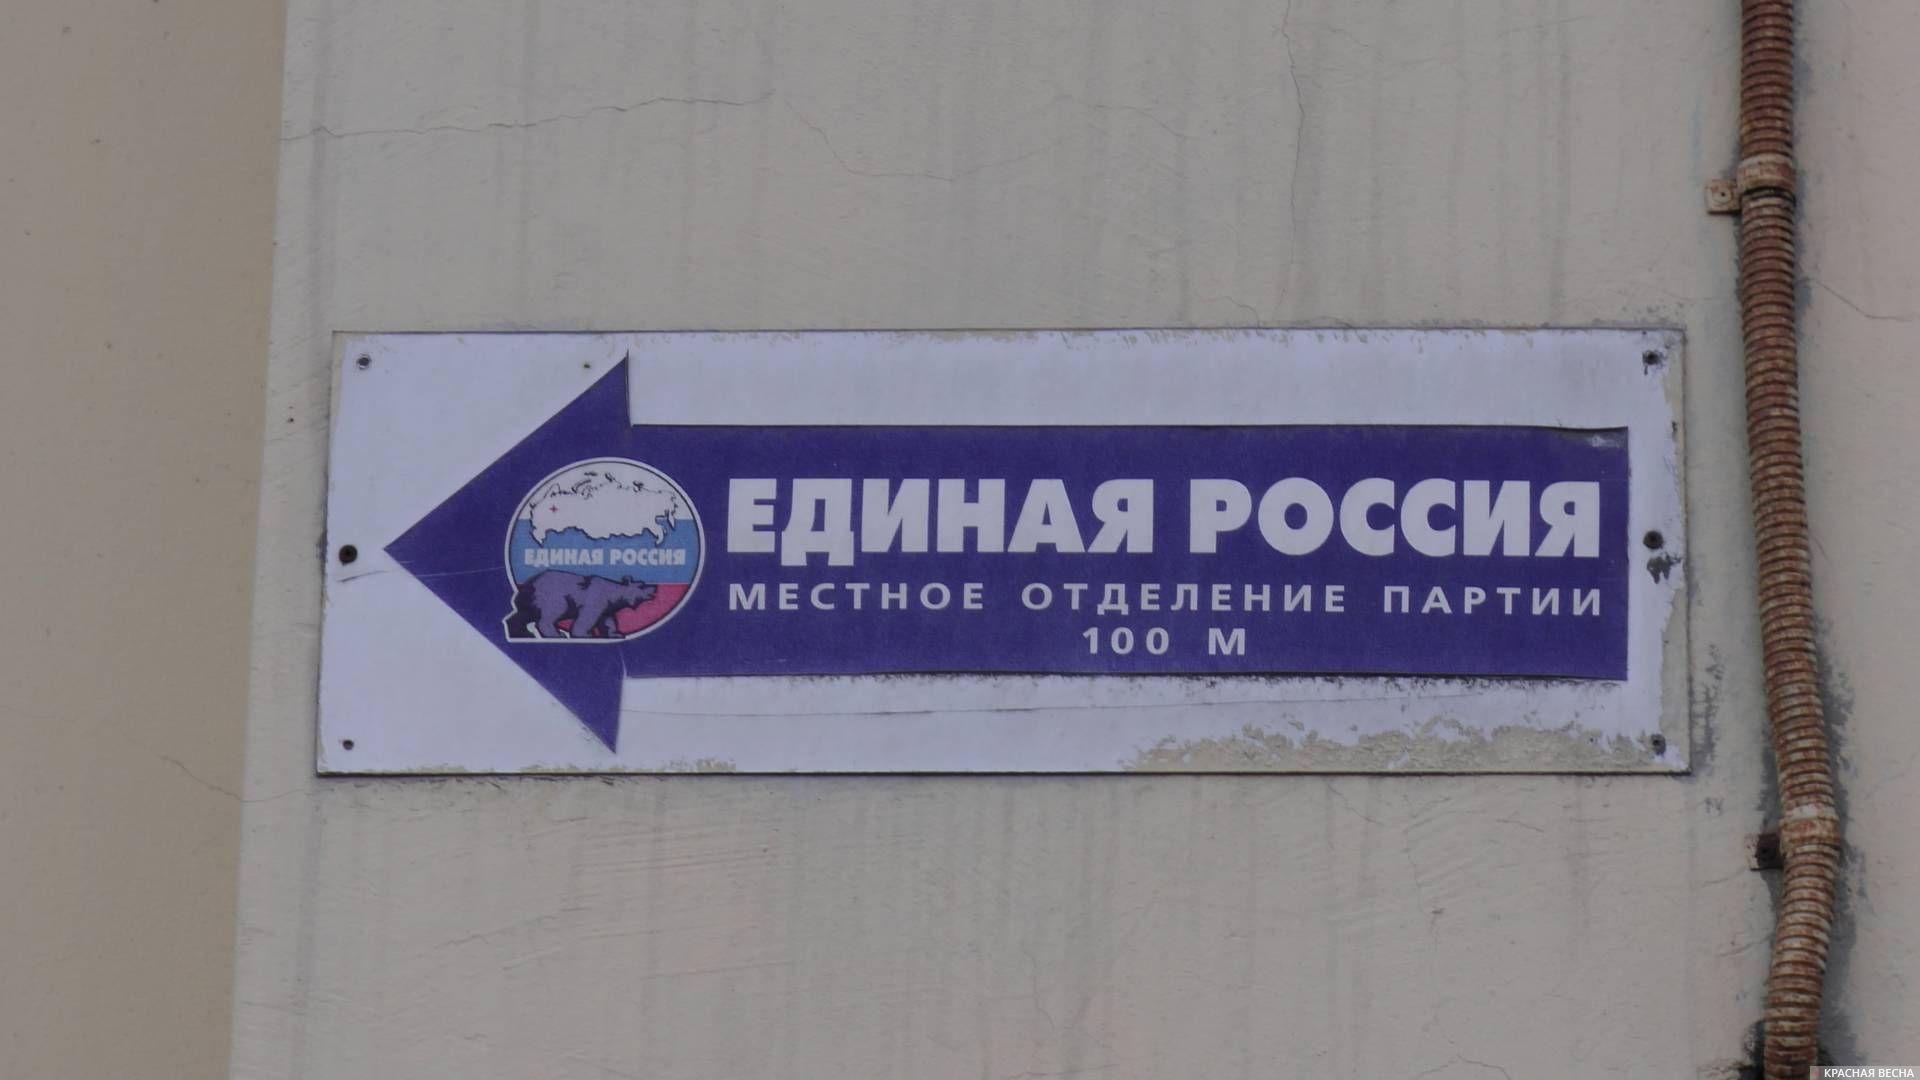 Единая Россия.